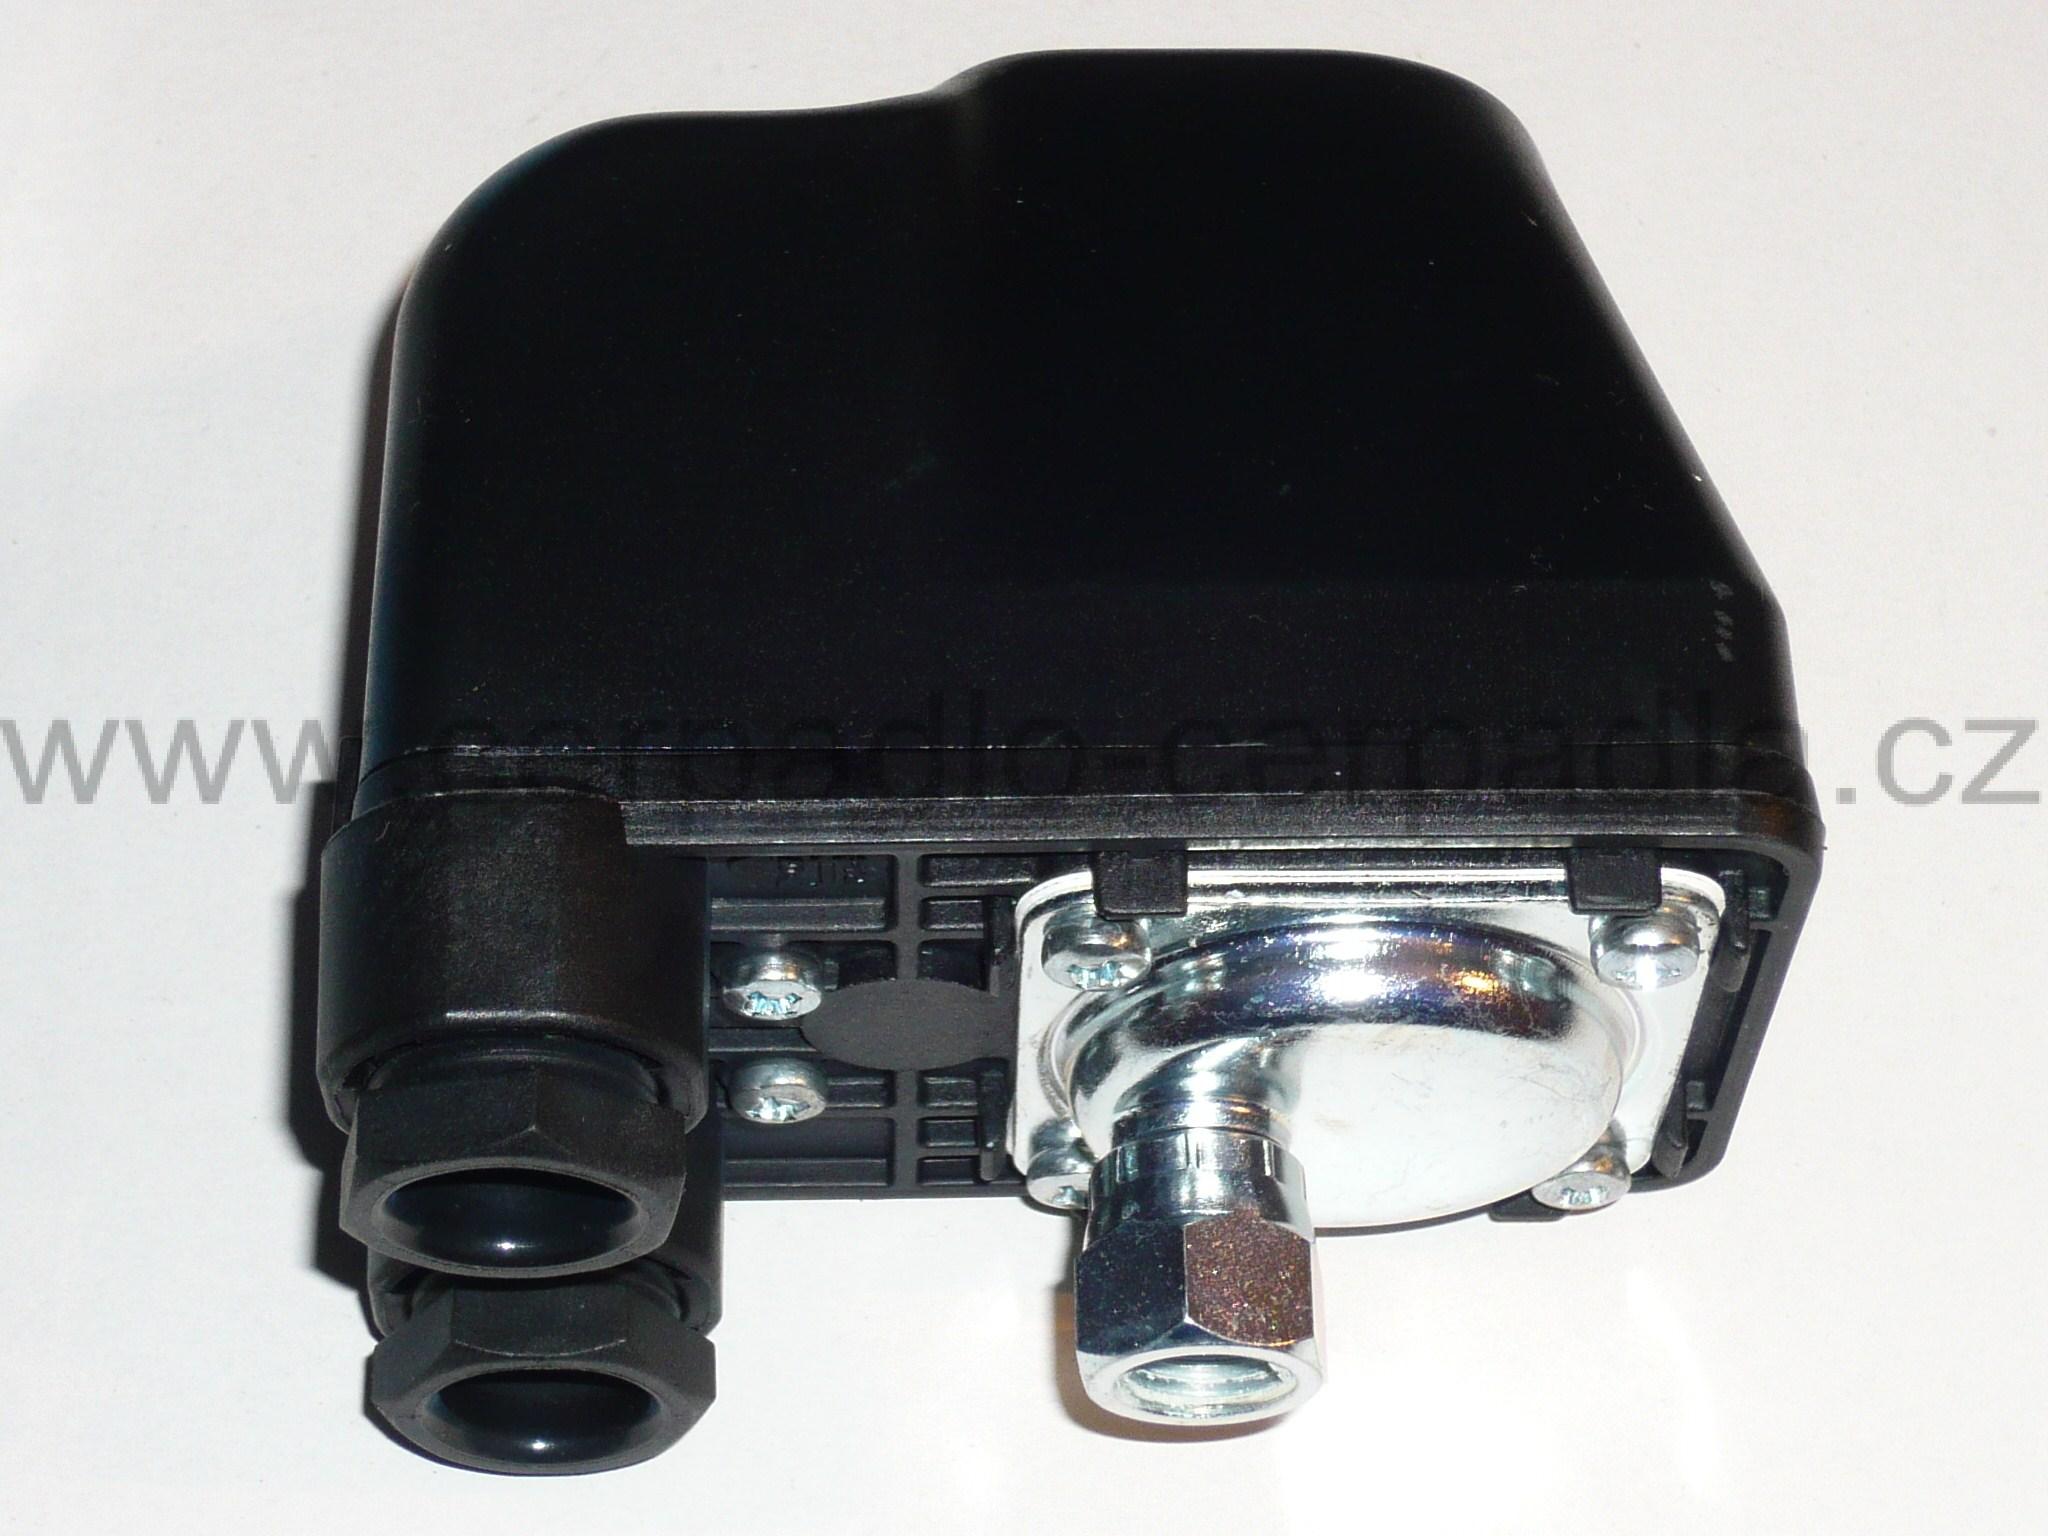 PM/5G 230V 2,0-3,5 bar, tlakový spínač PM 5 (tlakový spínač PM 5G 230V, tlakové spínače pro domácí vodárny)